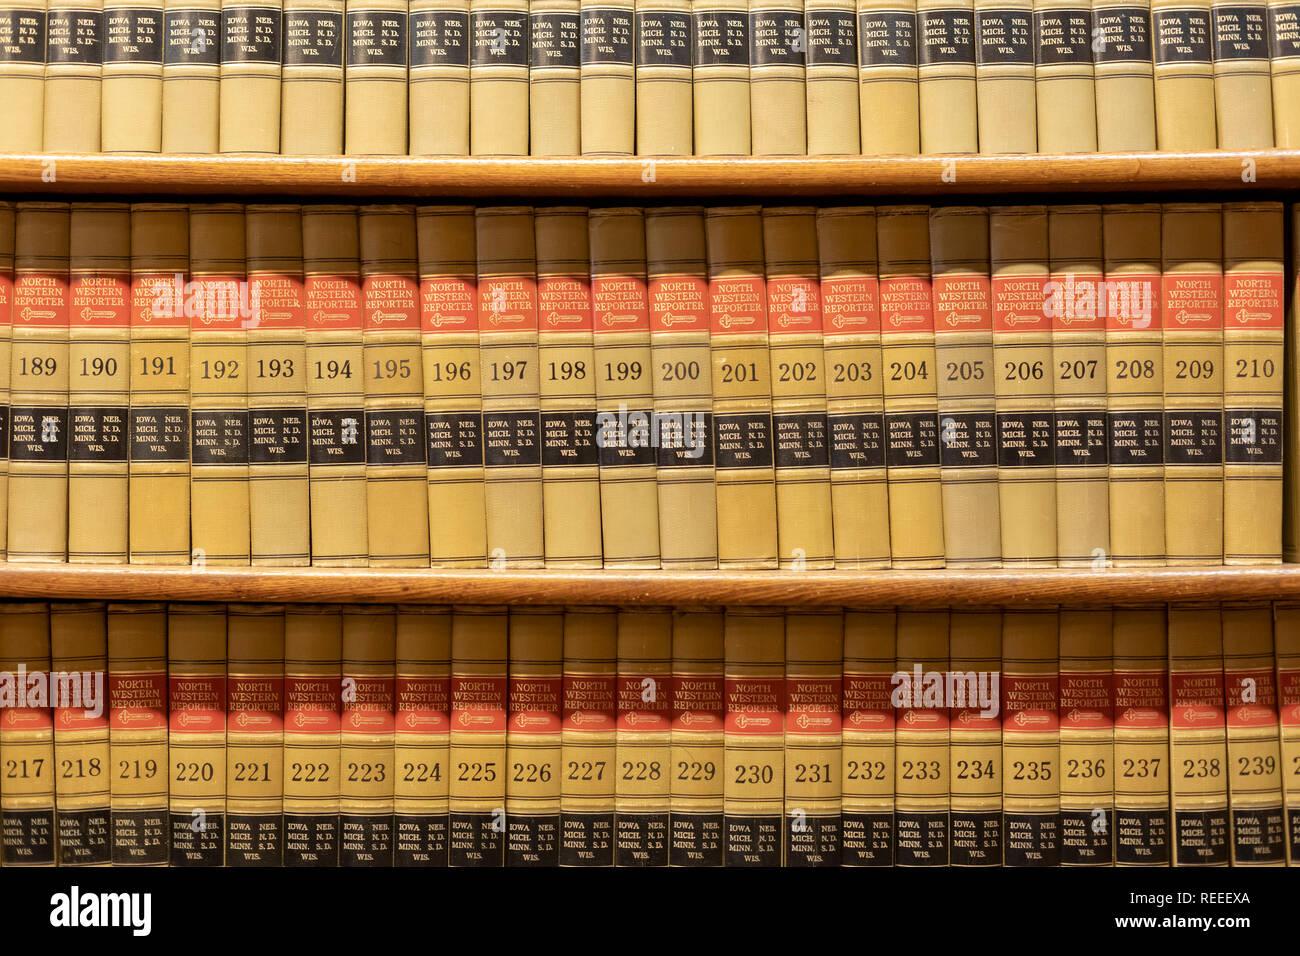 âge des lois datant dans l'Iowa